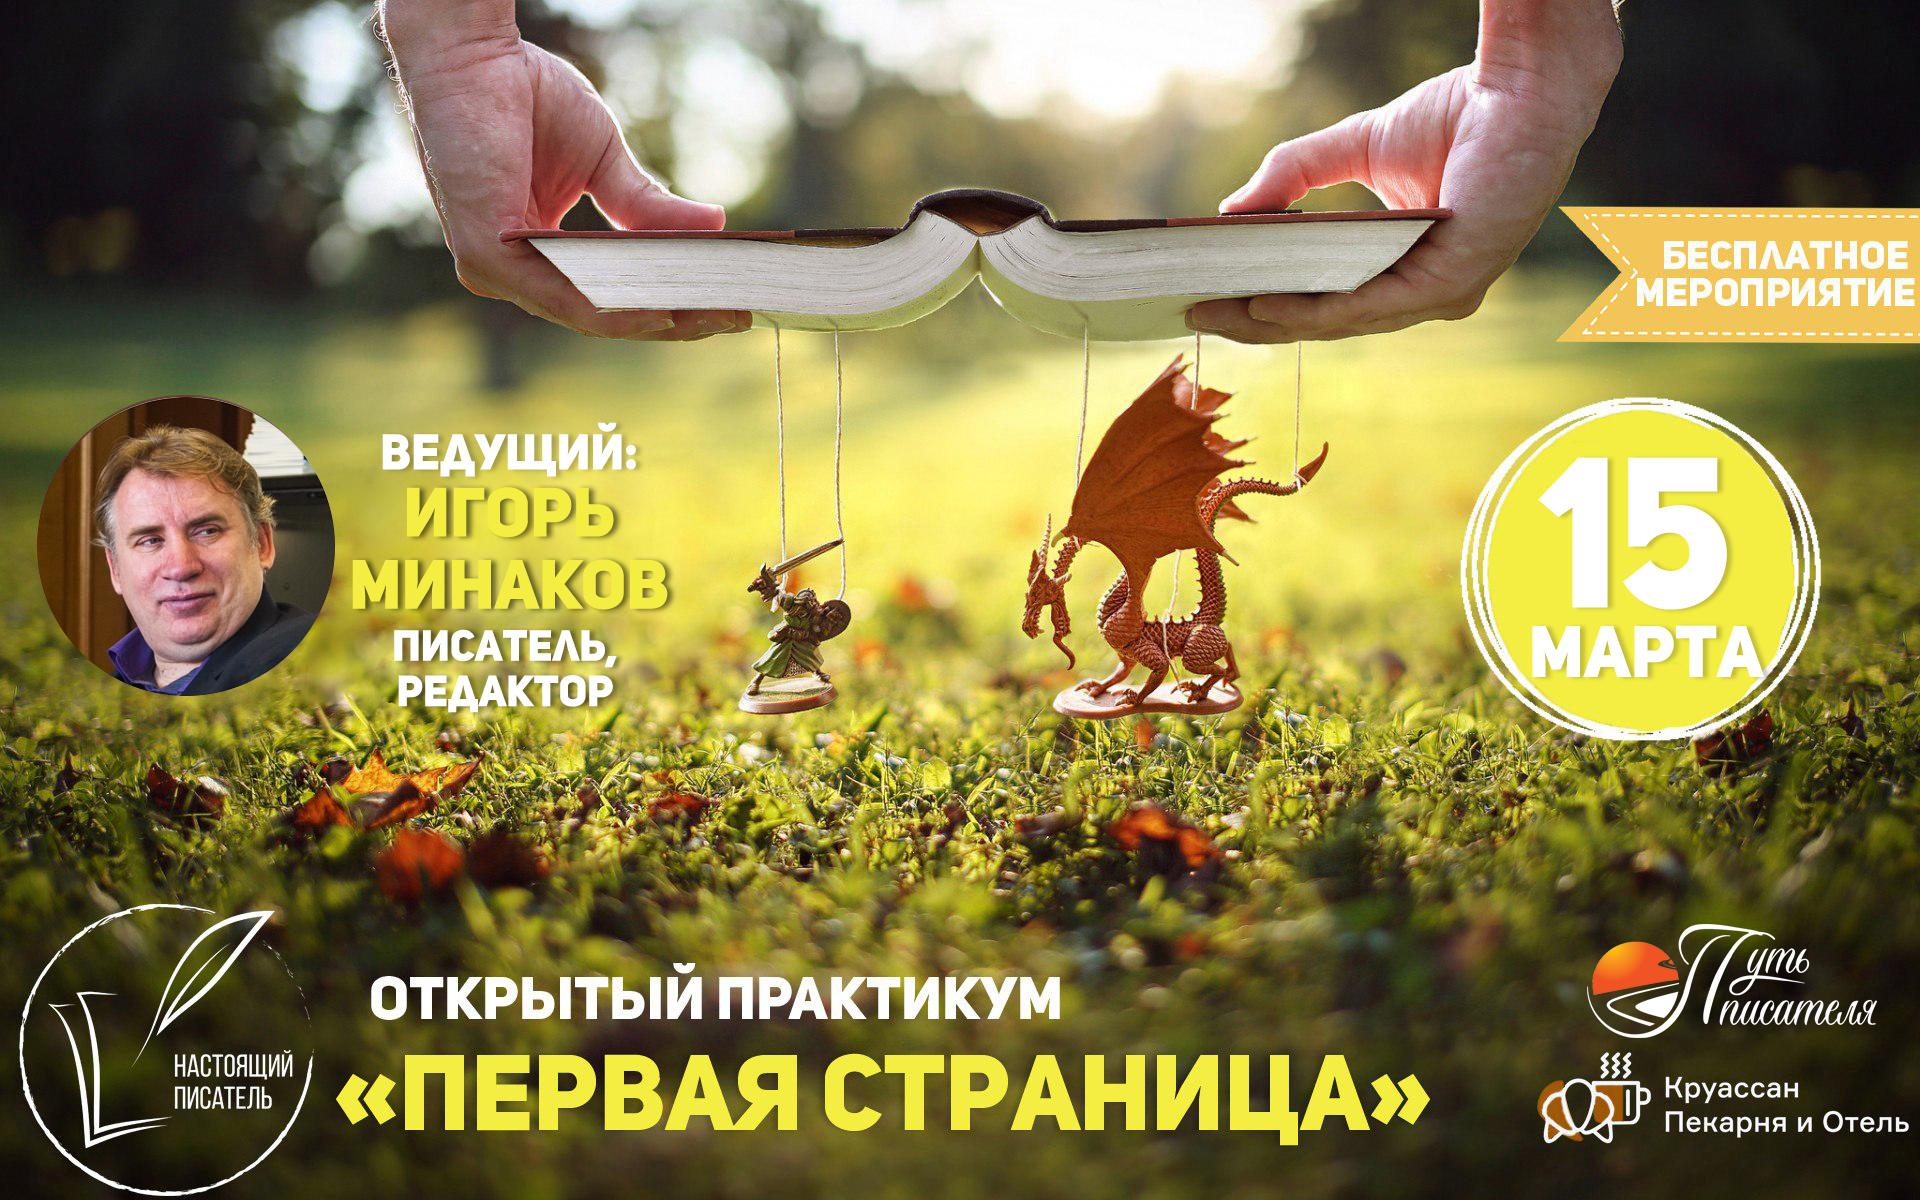 Открытый практикум «Первая страница» с Игорем Минаковым